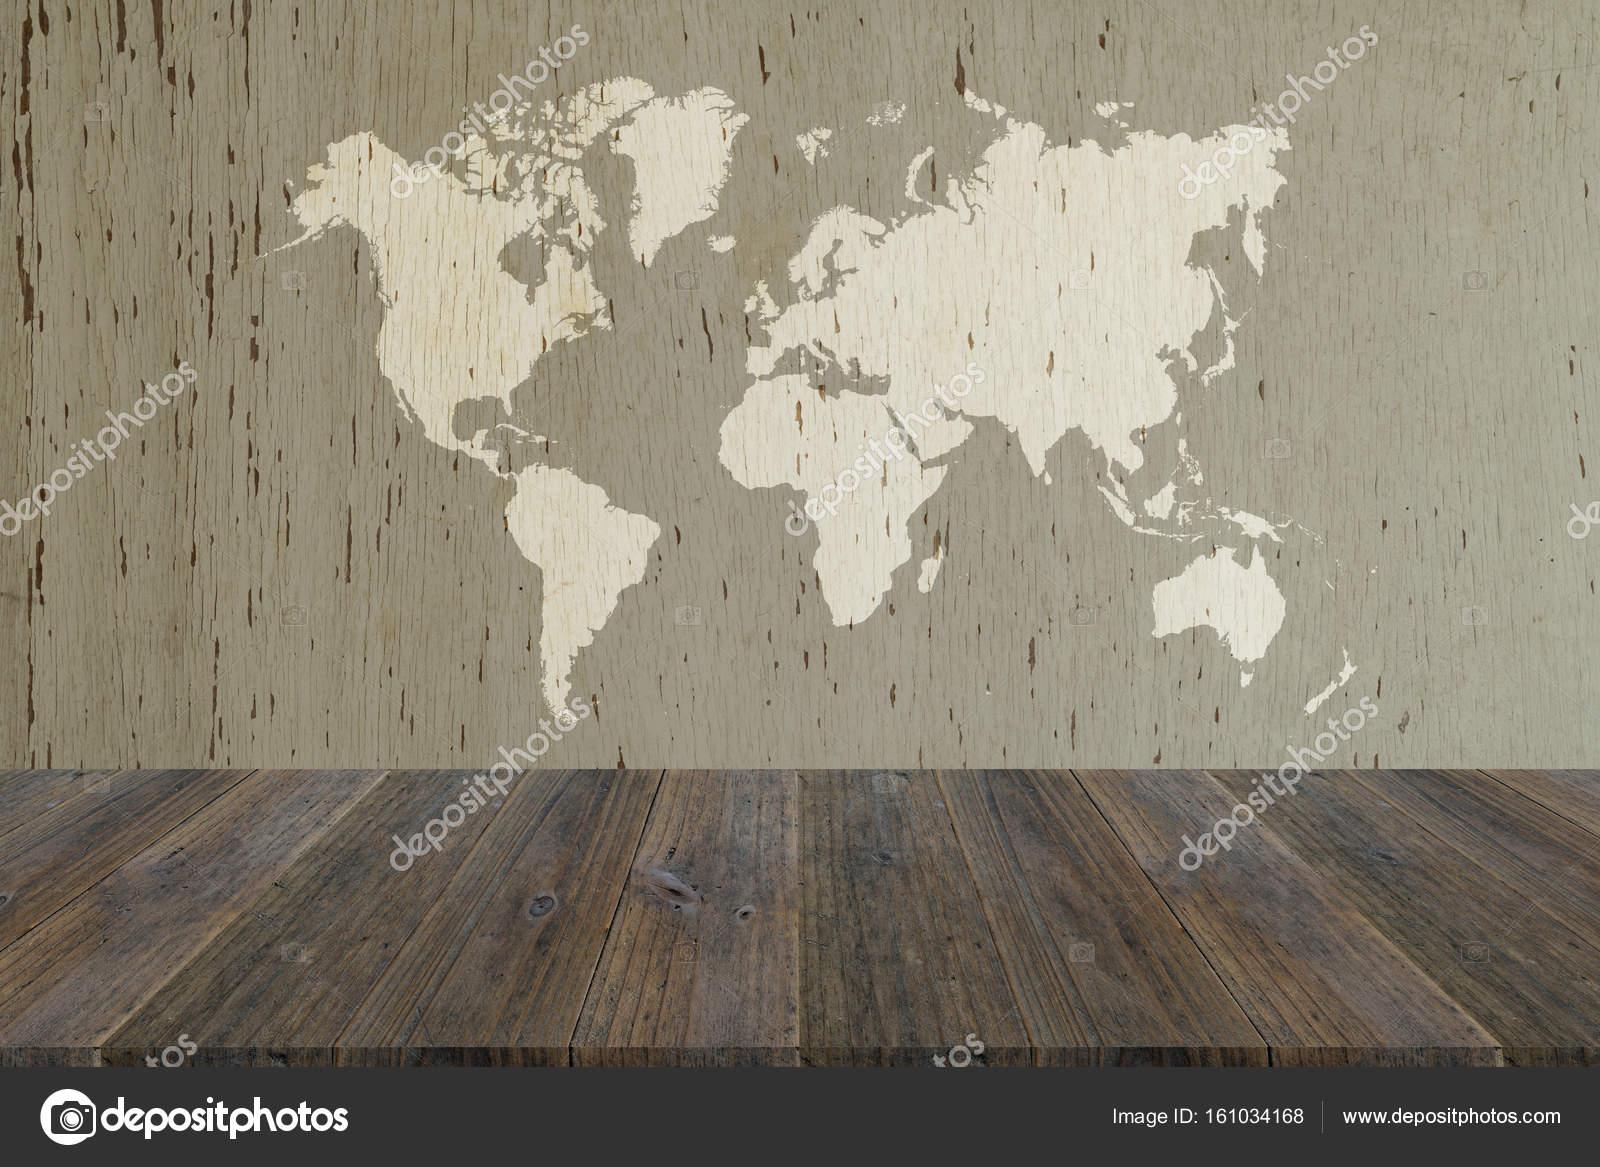 Fondo De Textura De Madera Con Terraza De Madera Con Mapa